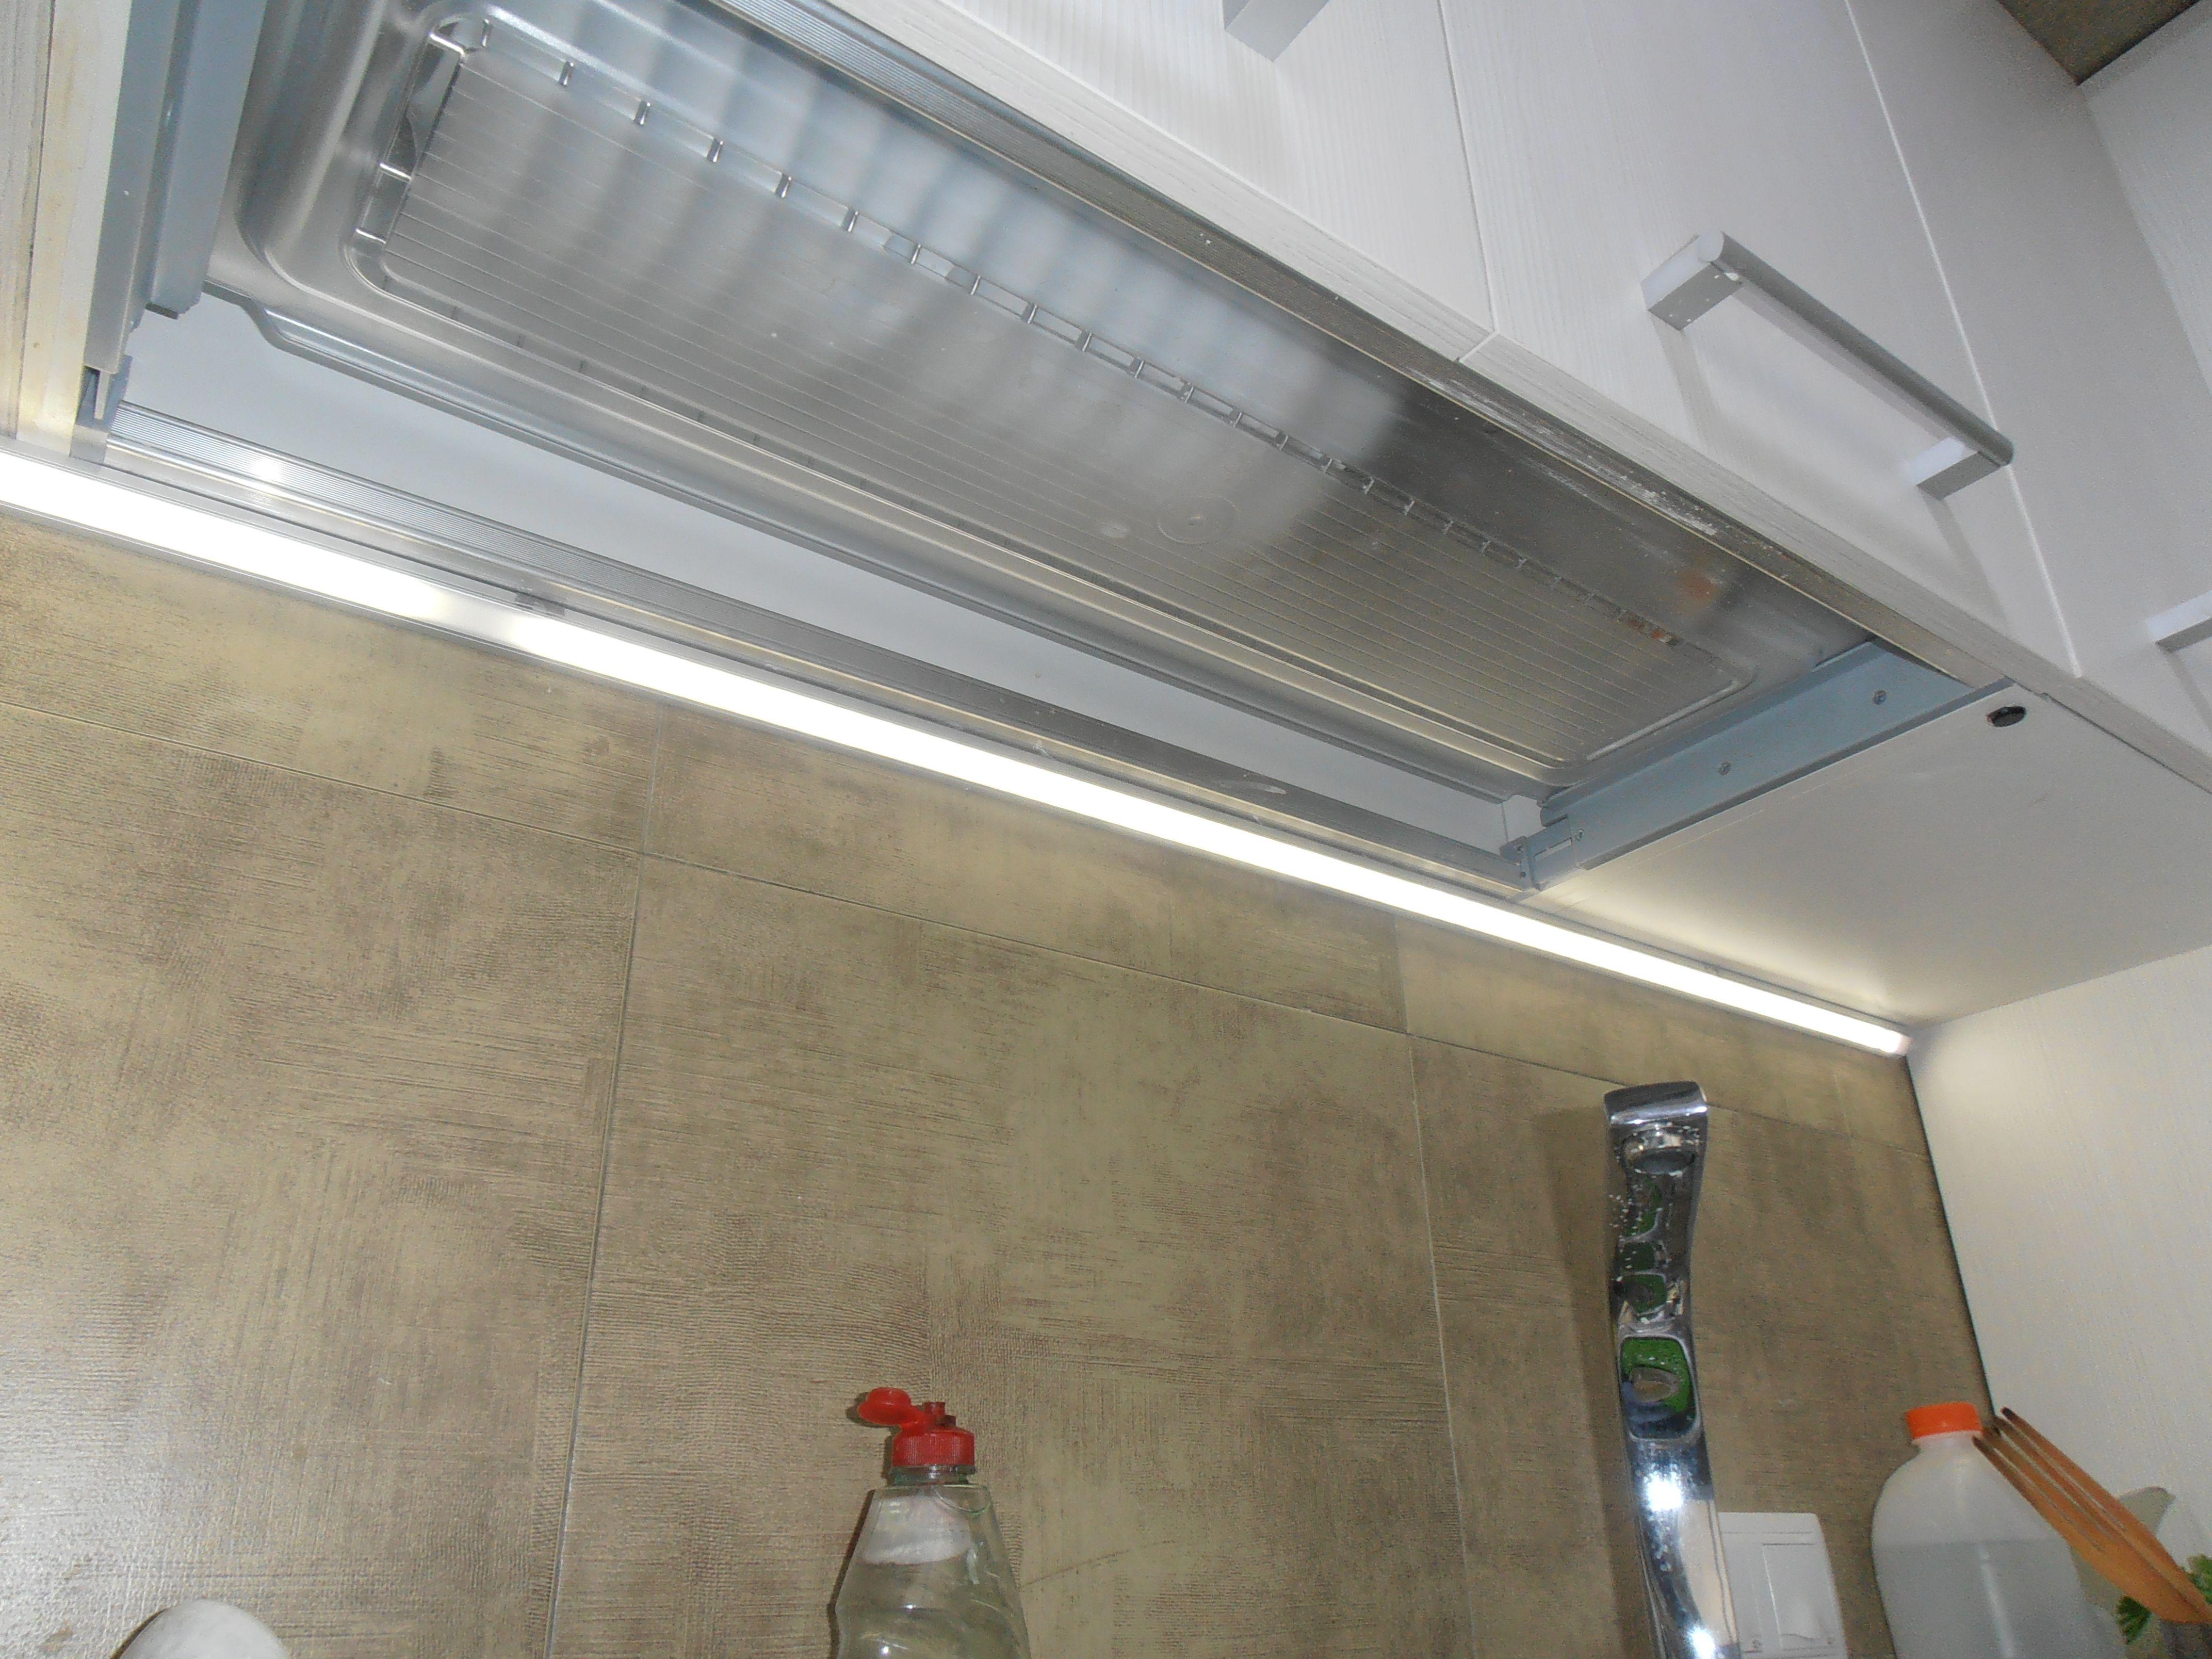 Iluminaci n de encimera en cocina mediante la instalaci n - Luz led cocina ...